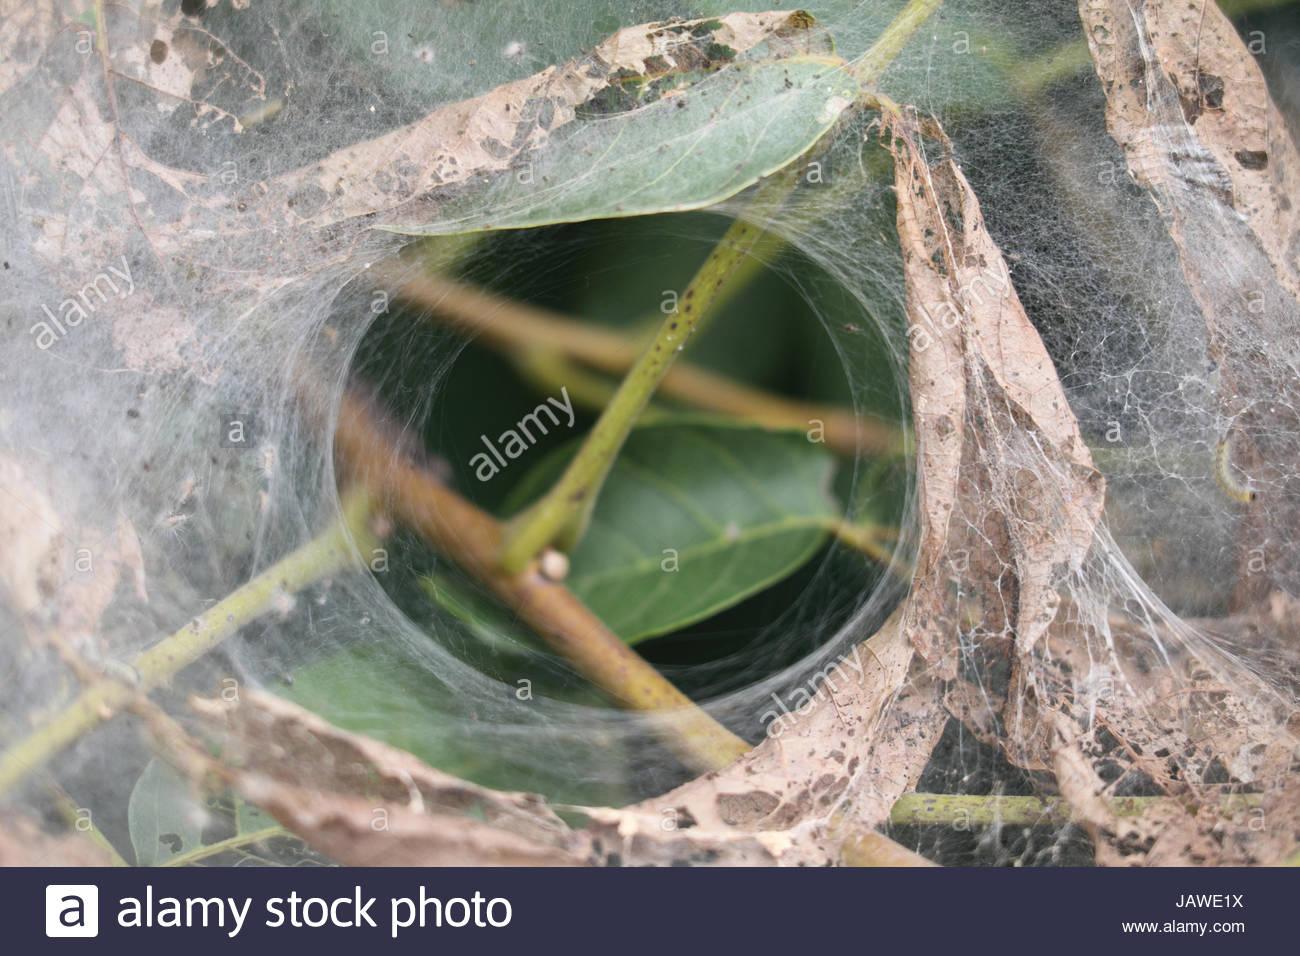 Herbst Webworm, Hyphantria Cunea, erstellen eine Schwimmhäuten Nester in einem Walnussbaum Juglans Regia. Stockbild